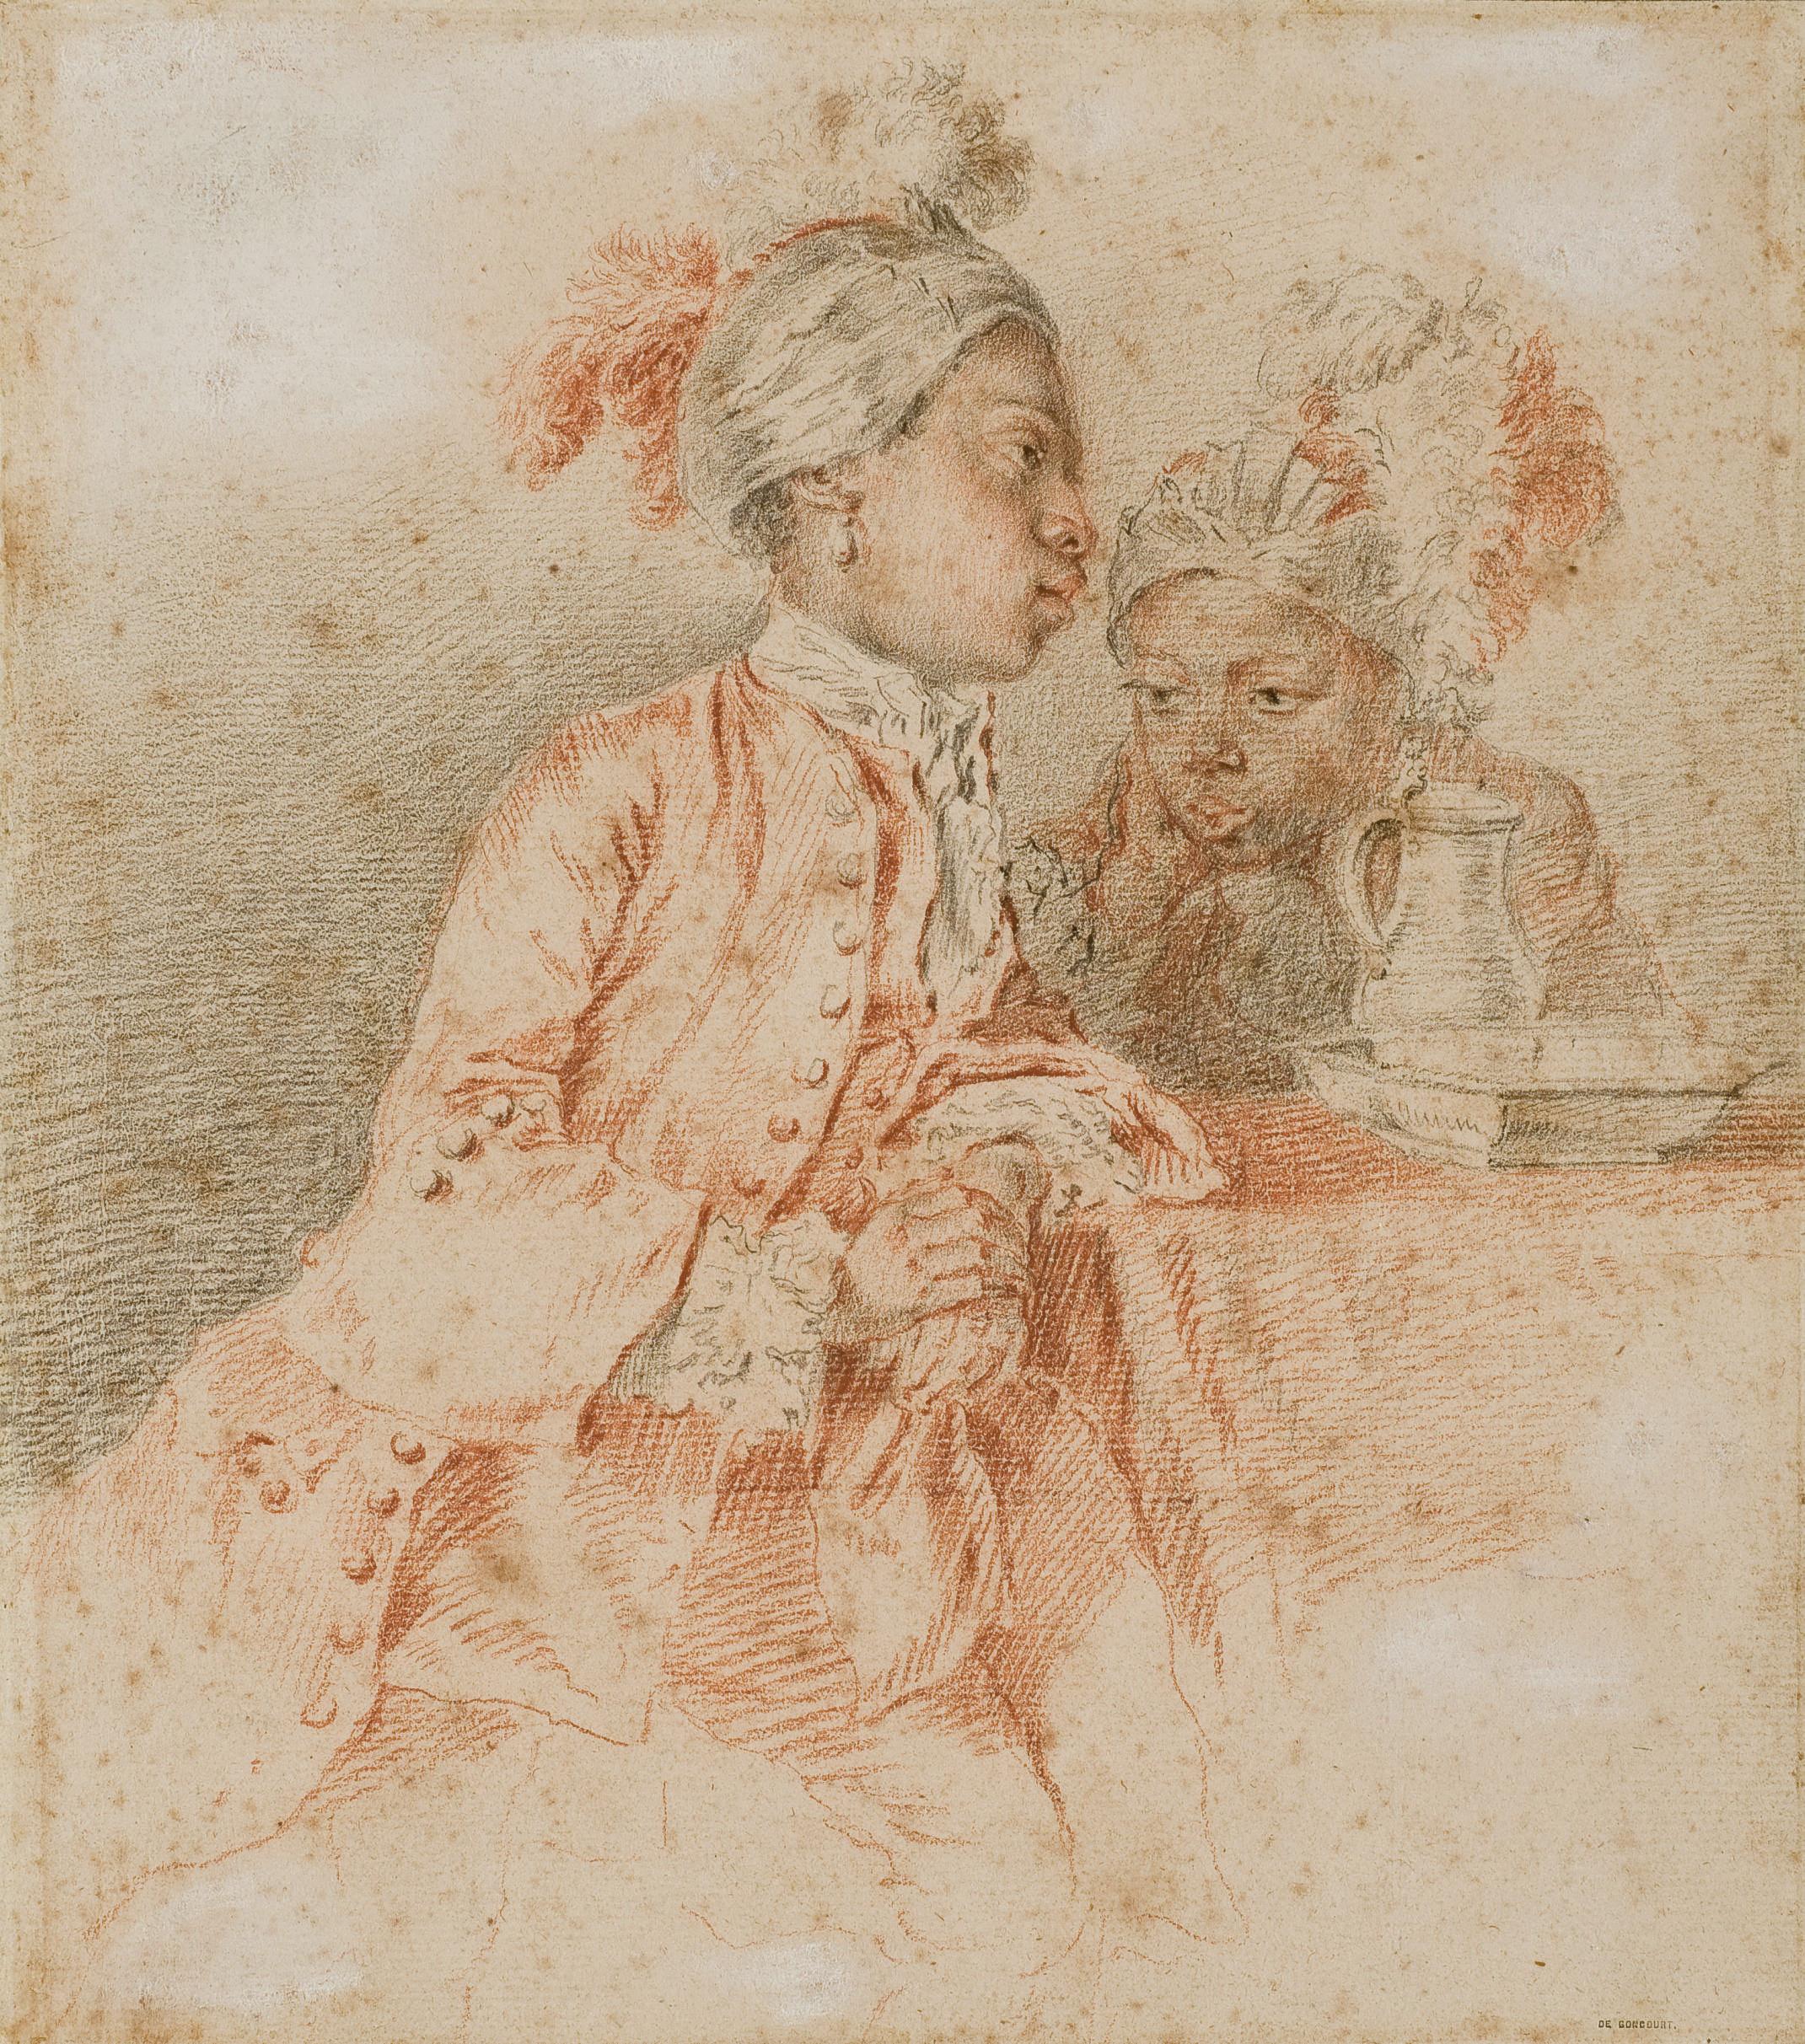 JACQUES-ANDRE PORTAIL (BREST 1